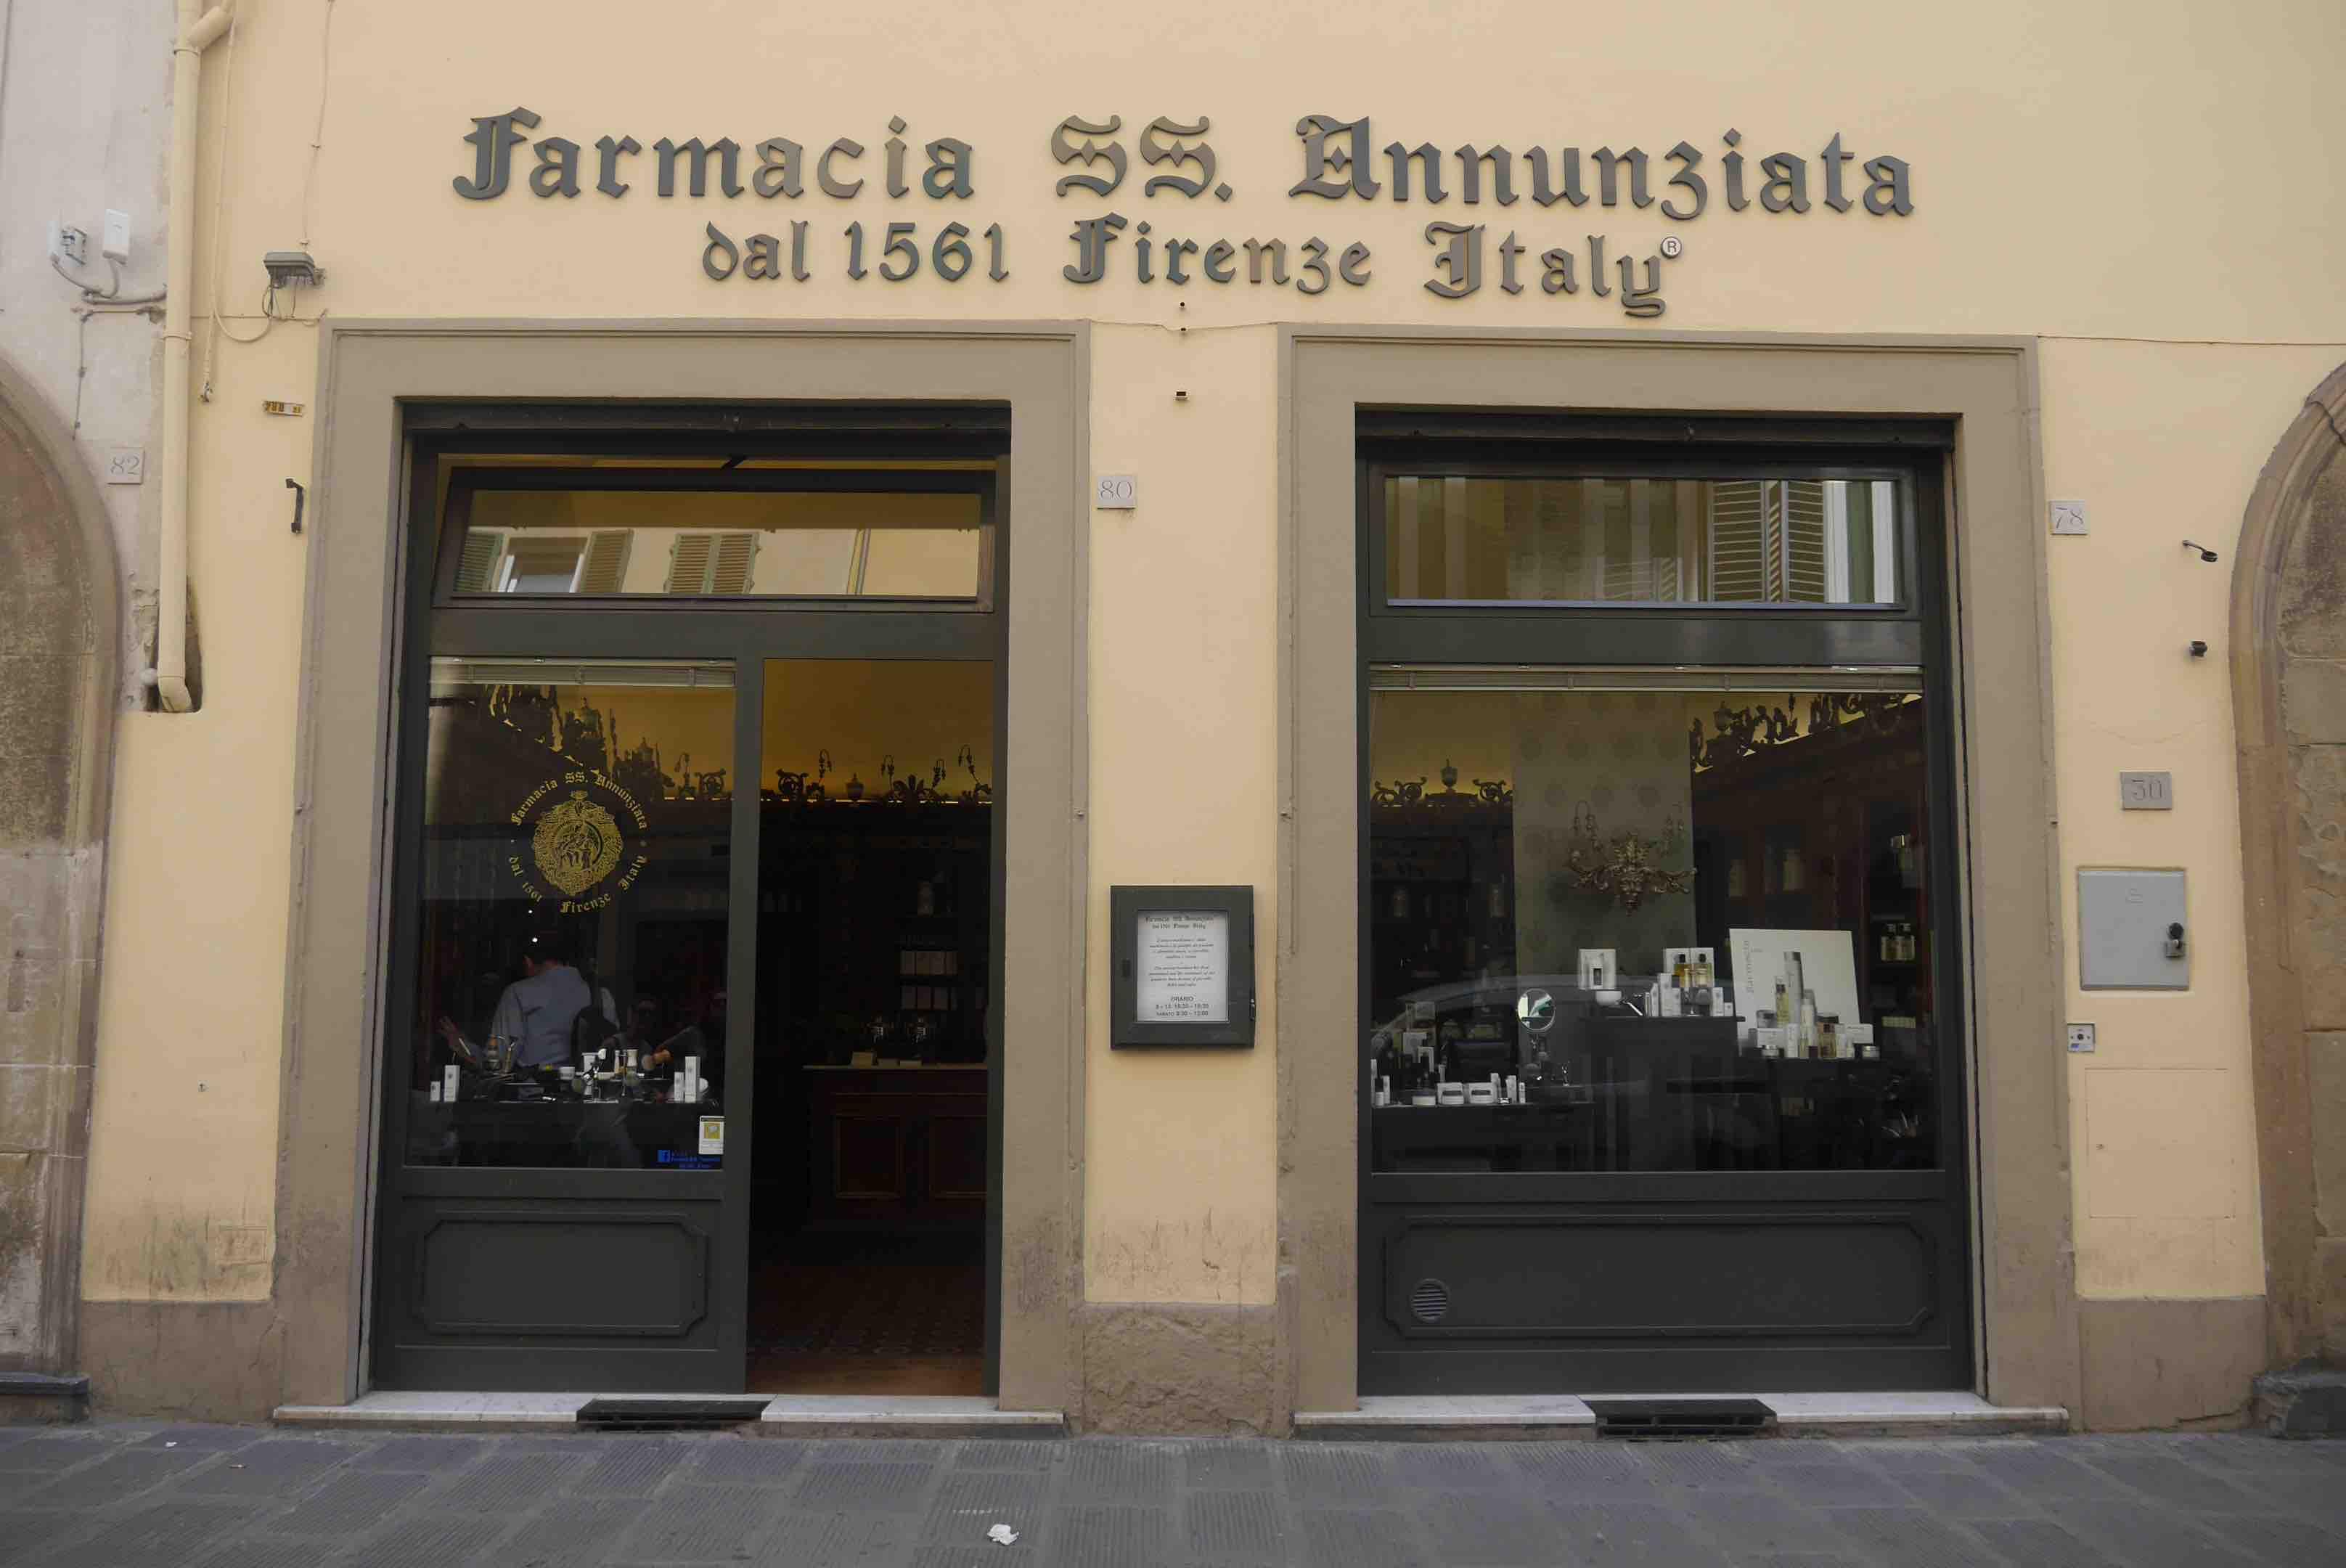 pharmacie-ss-annunziata-ali-di-firenze-6